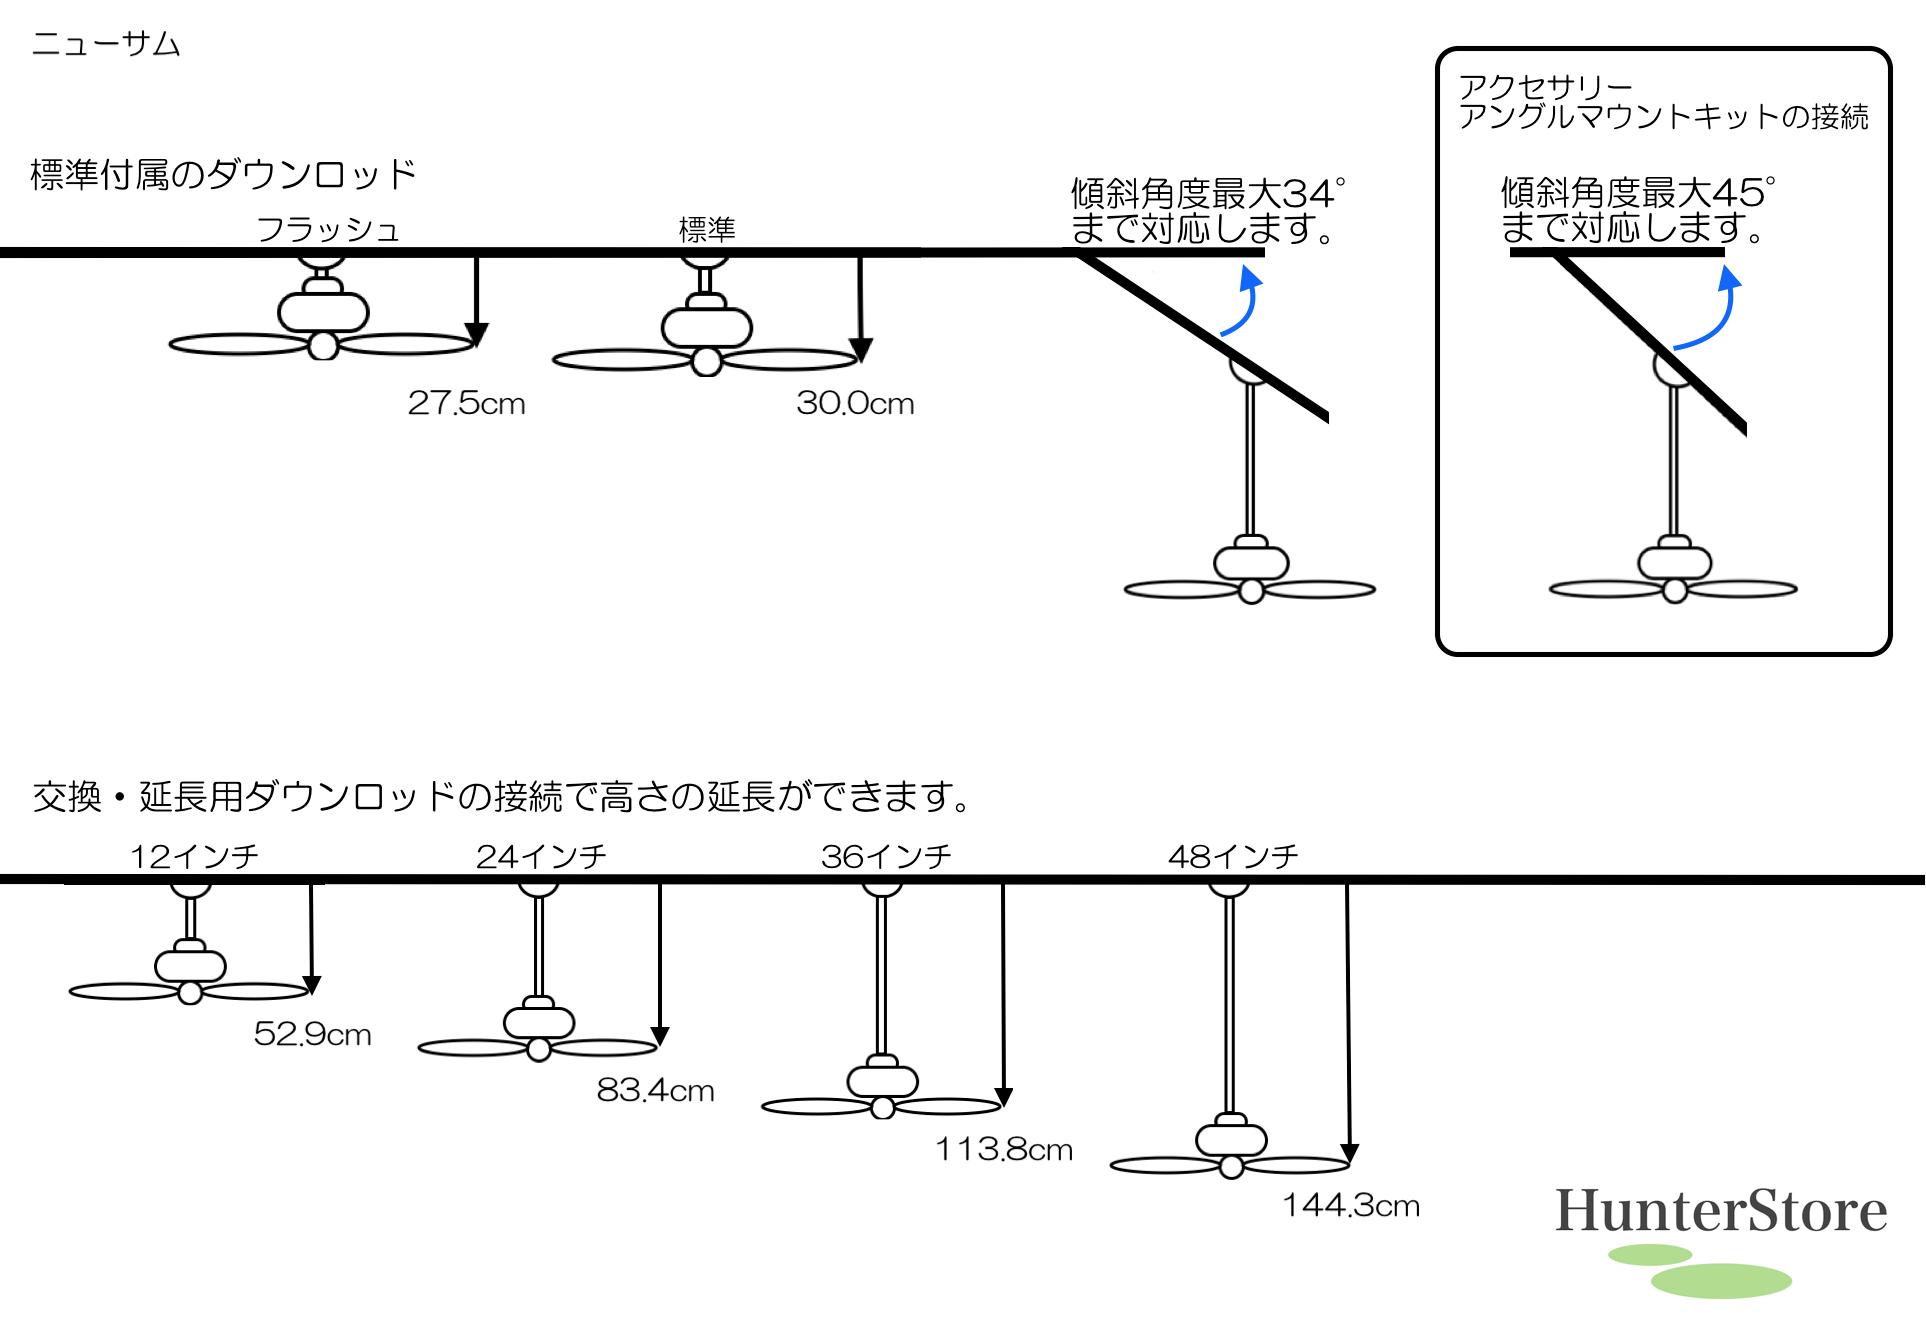 ニューサム 照明キット付【壁コントローラ・24㌅61cmダウンロッド付】 - 画像2